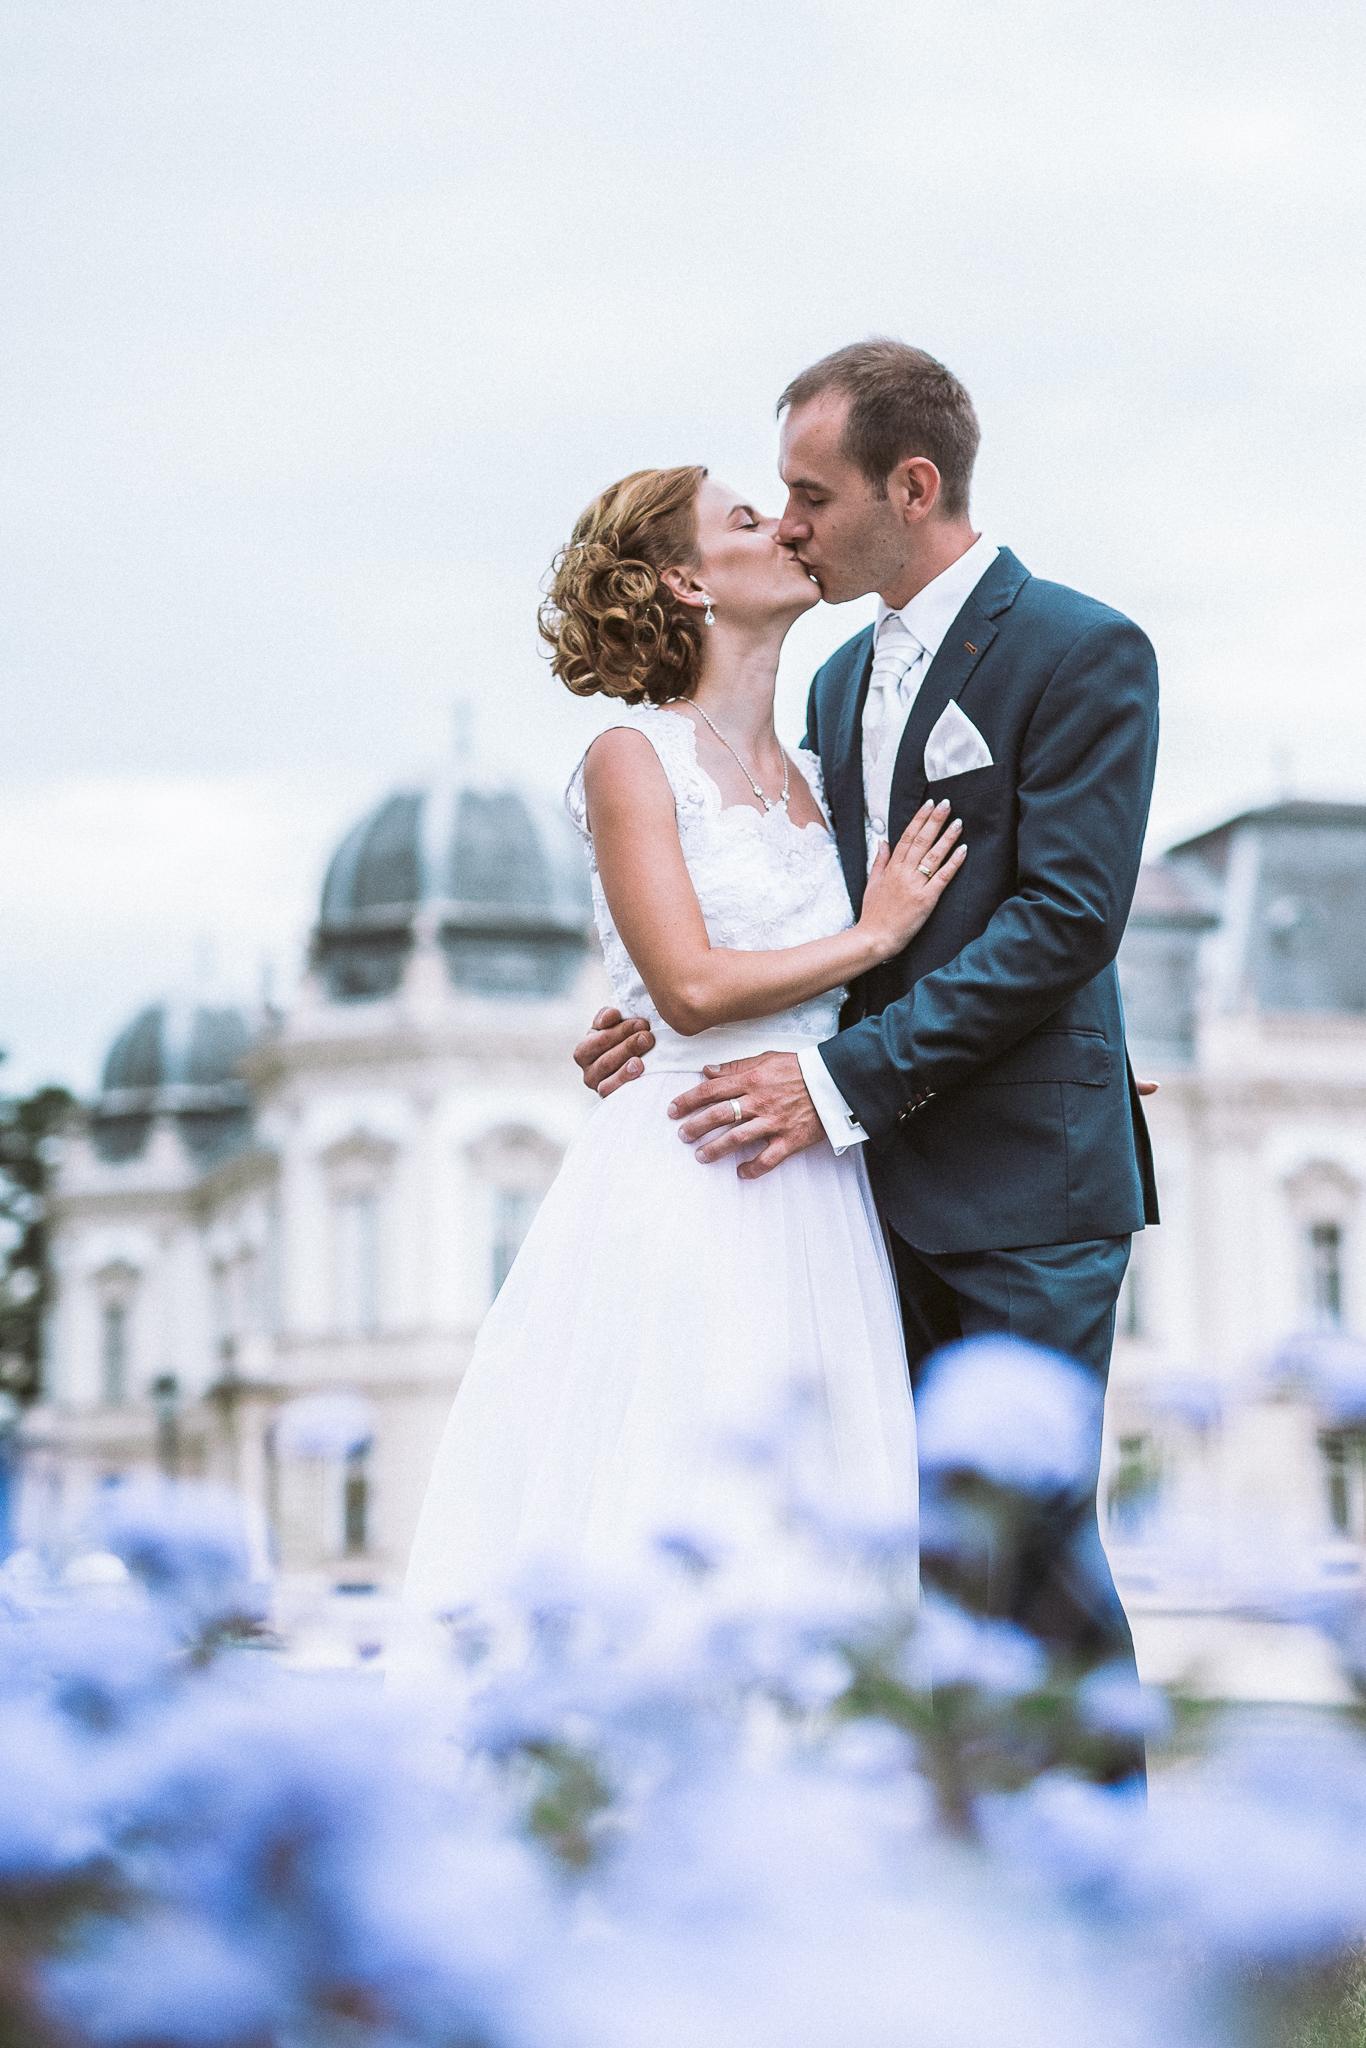 FylepPhoto, esküvőfotós, esküvői fotós Körmend, Szombathely, esküvőfotózás, magyarország, vas megye, prémium, jegyesfotózás, Fülöp Péter, körmend, kreatív, fotográfus_10-2.jpg